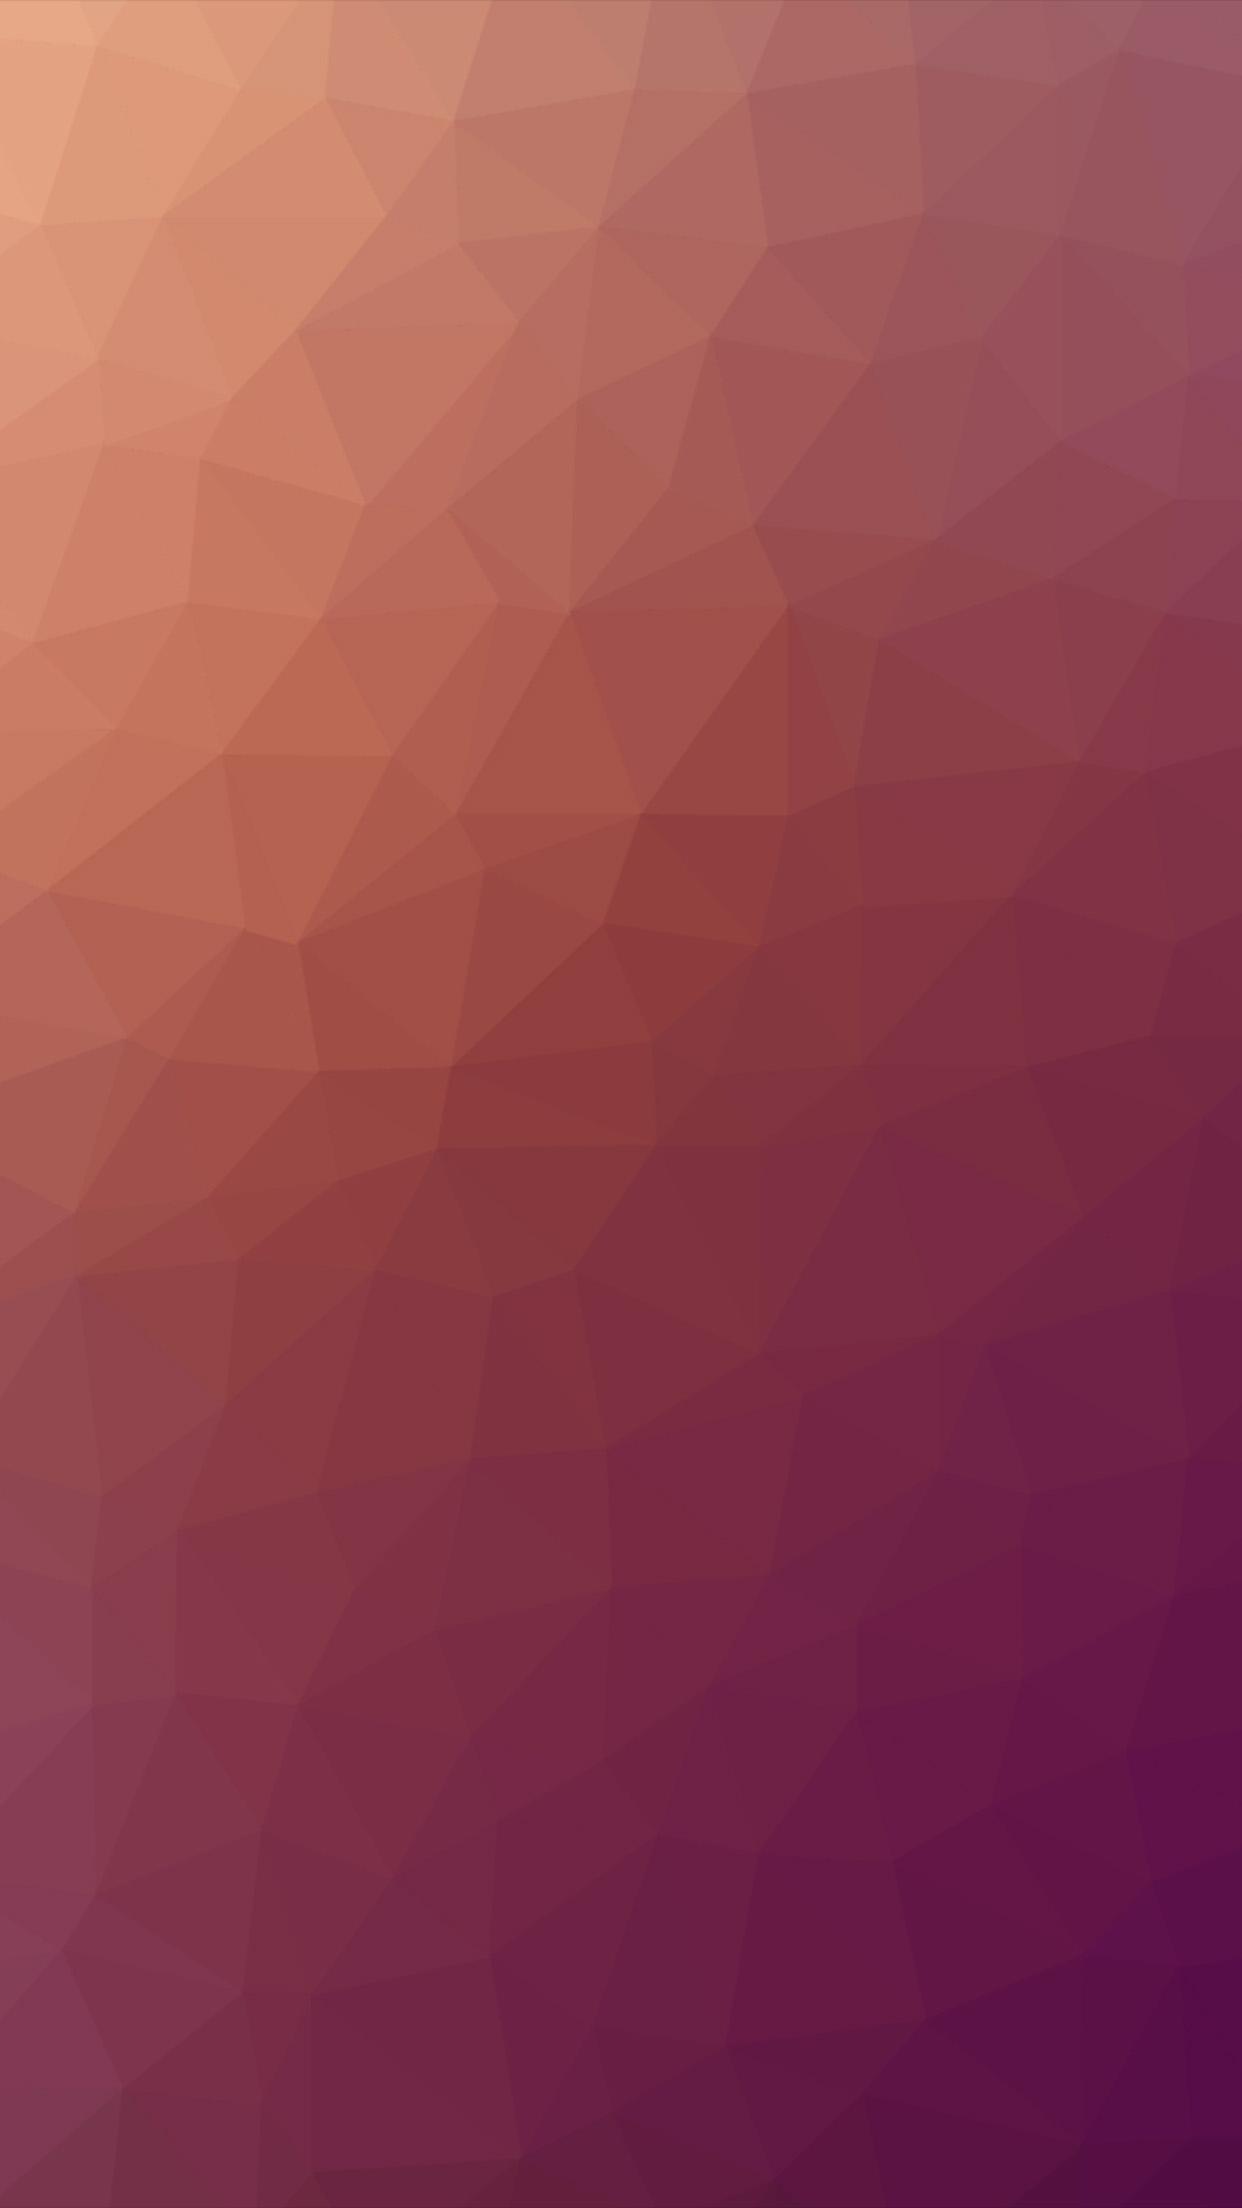 赤いインスピレーション のiphone用壁紙 7枚 噂のappleフリークス